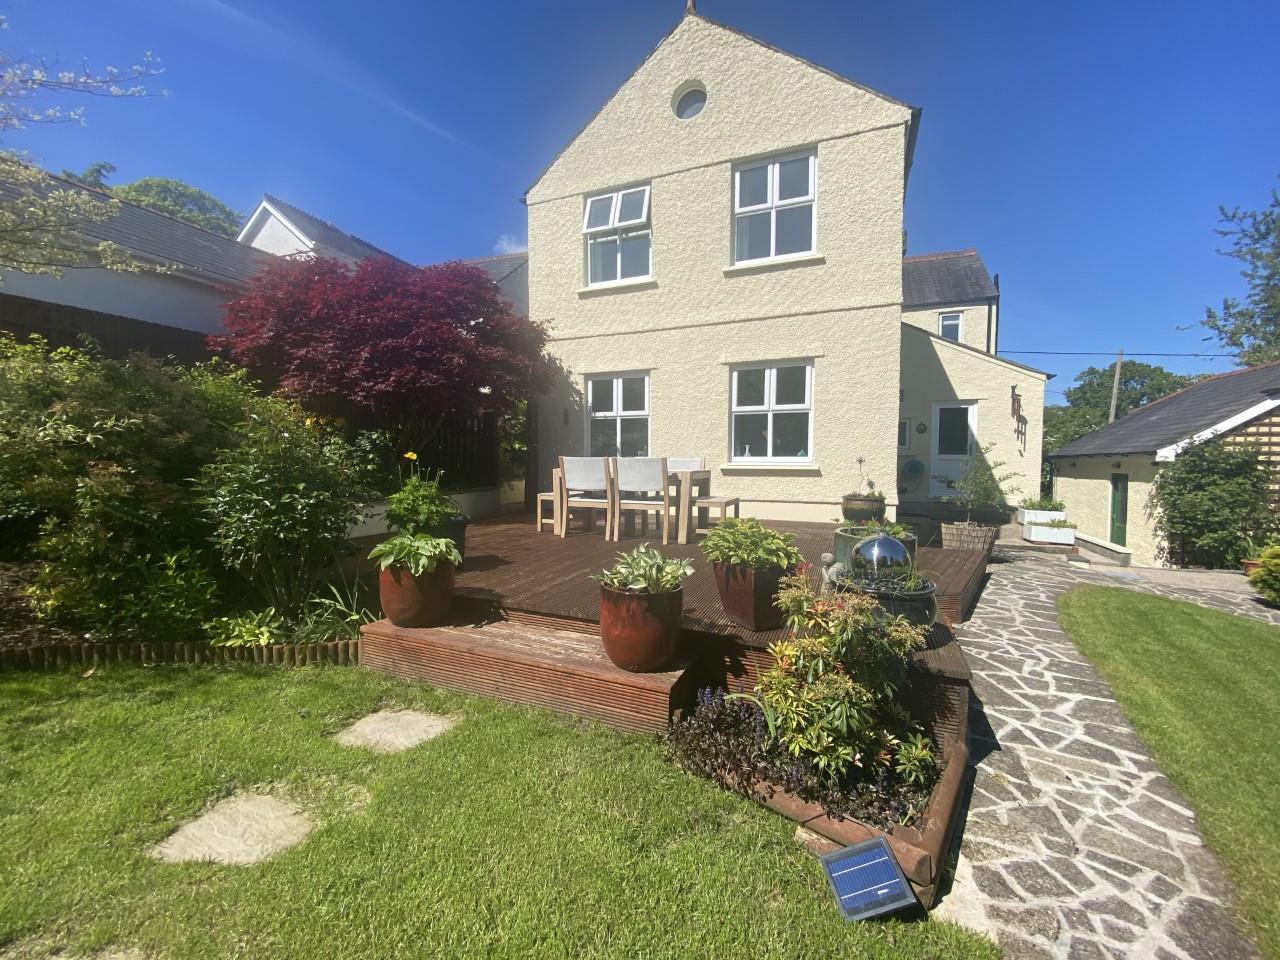 Blaencedi, Penclawdd, Swansea, SA4 3LZ